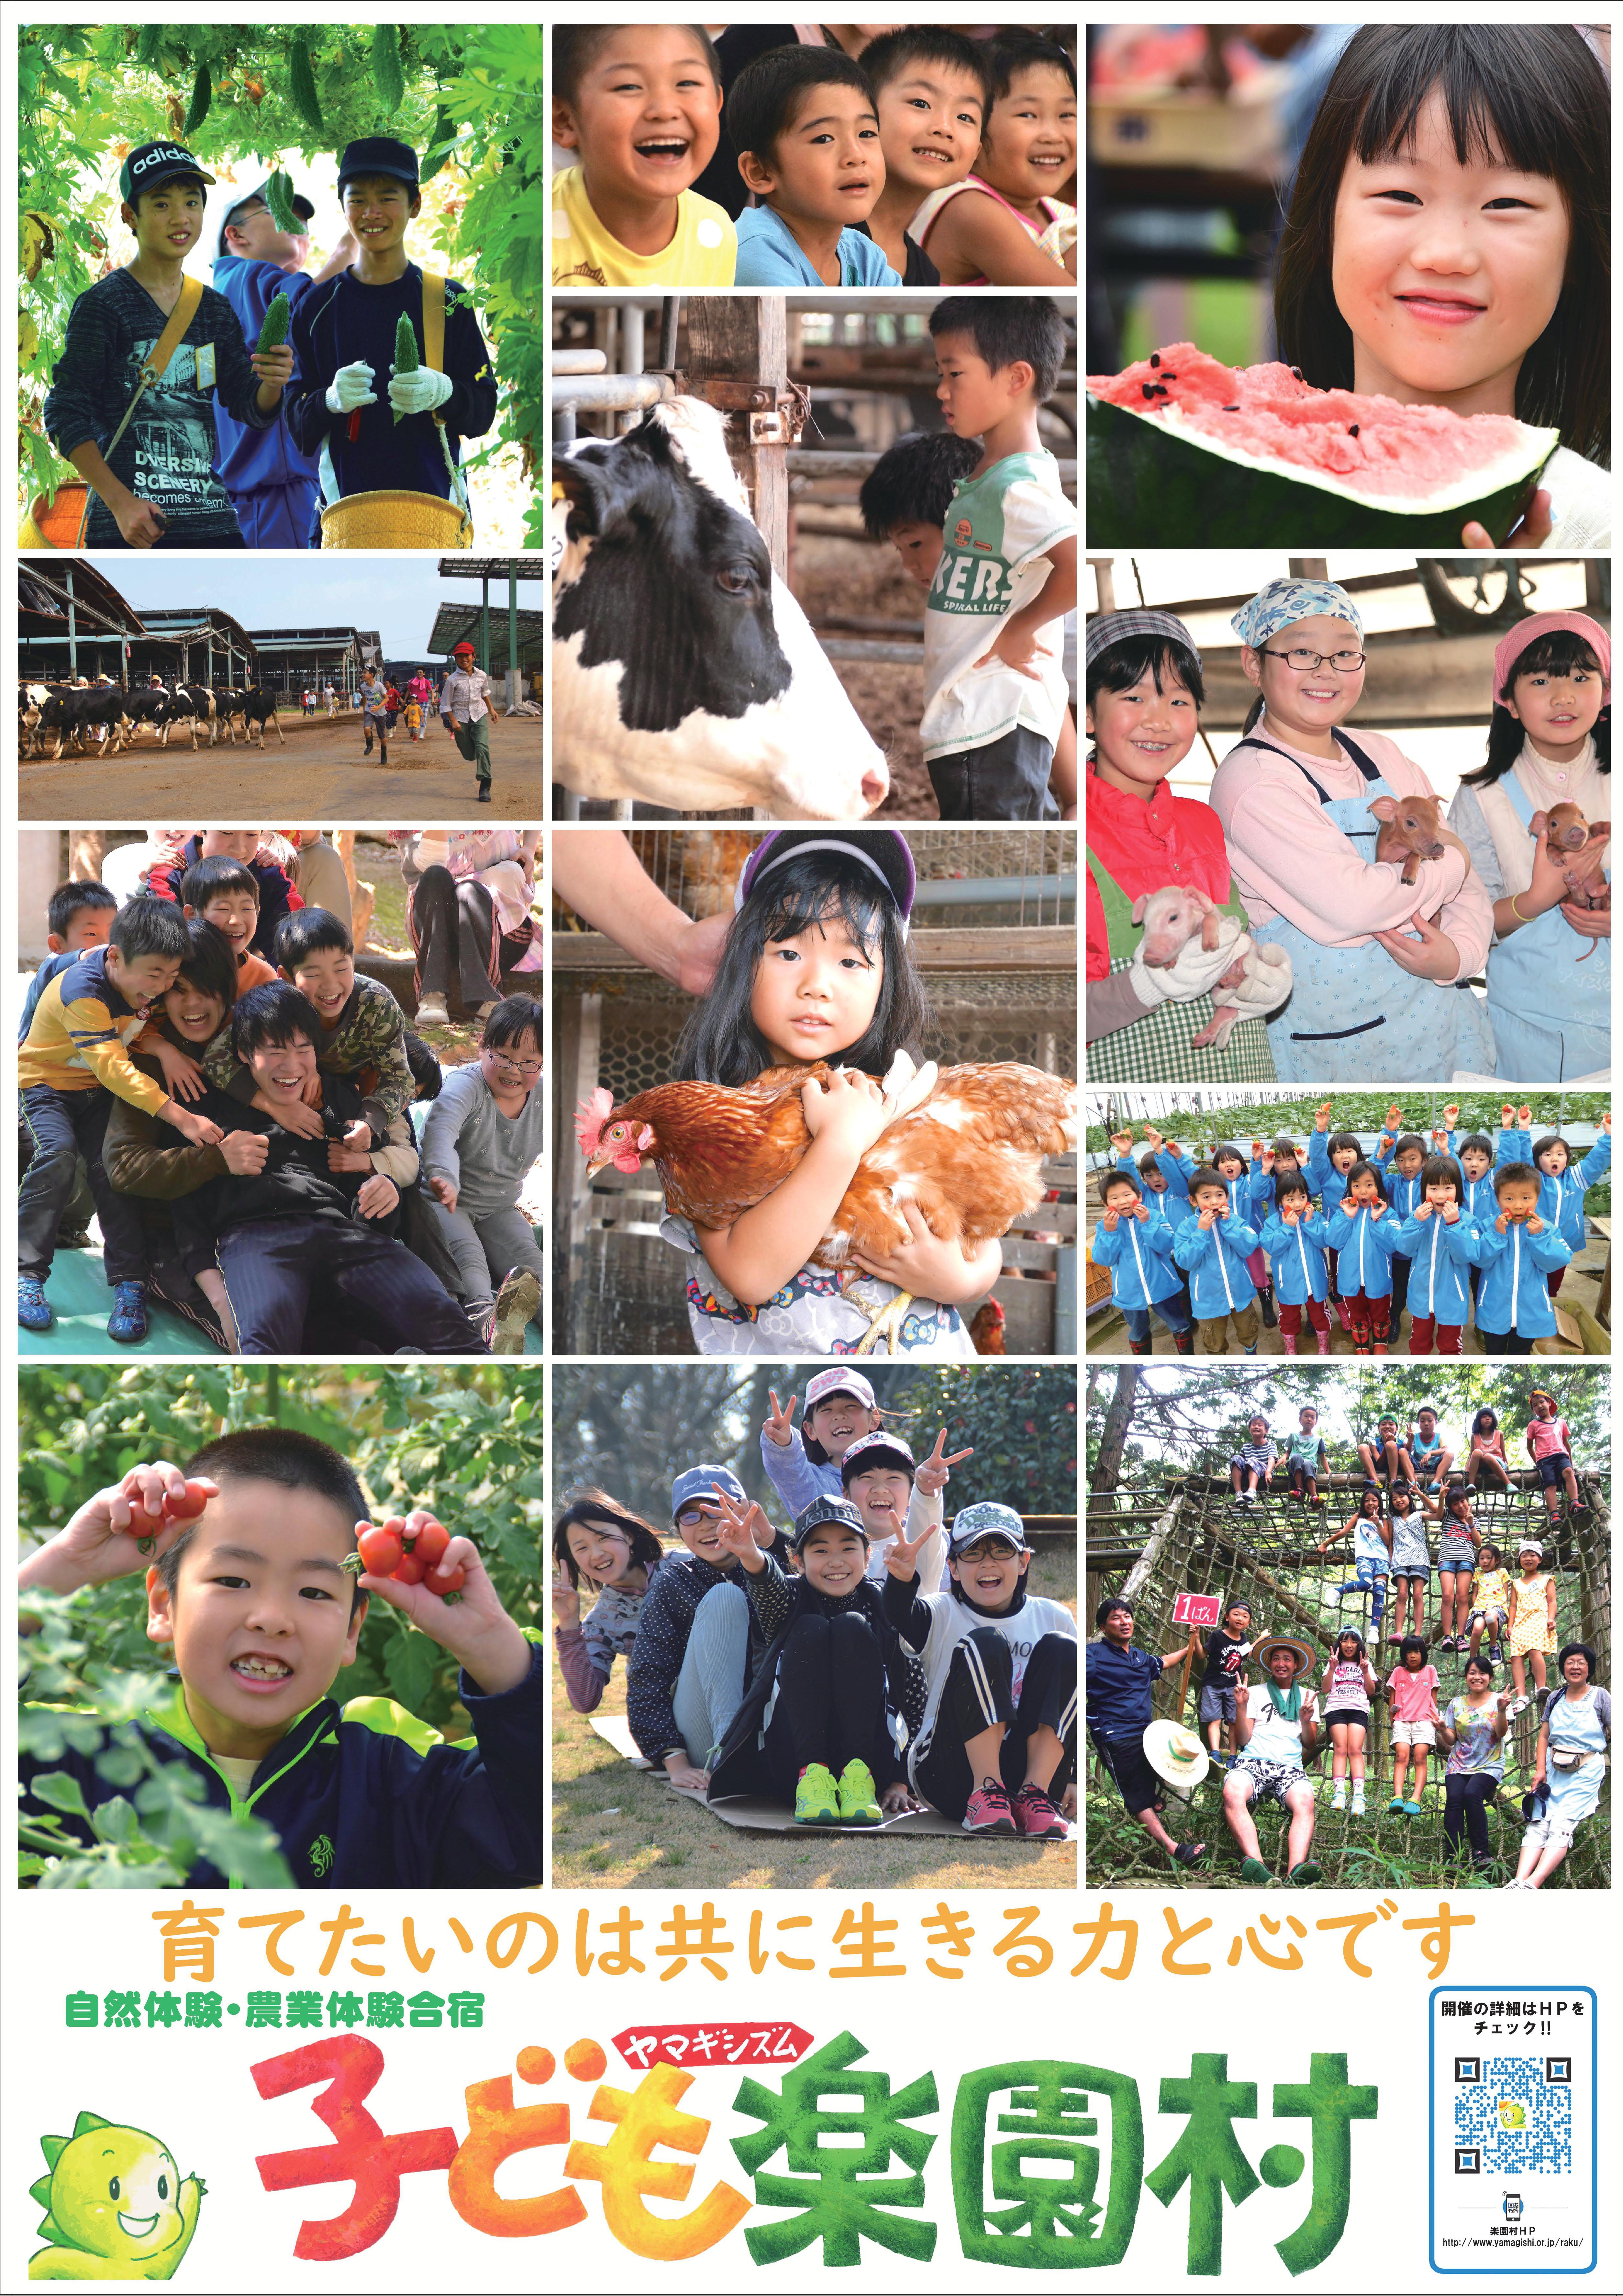 2018夏の楽園村スケジュール<br/>全国5会場で開催決定‼